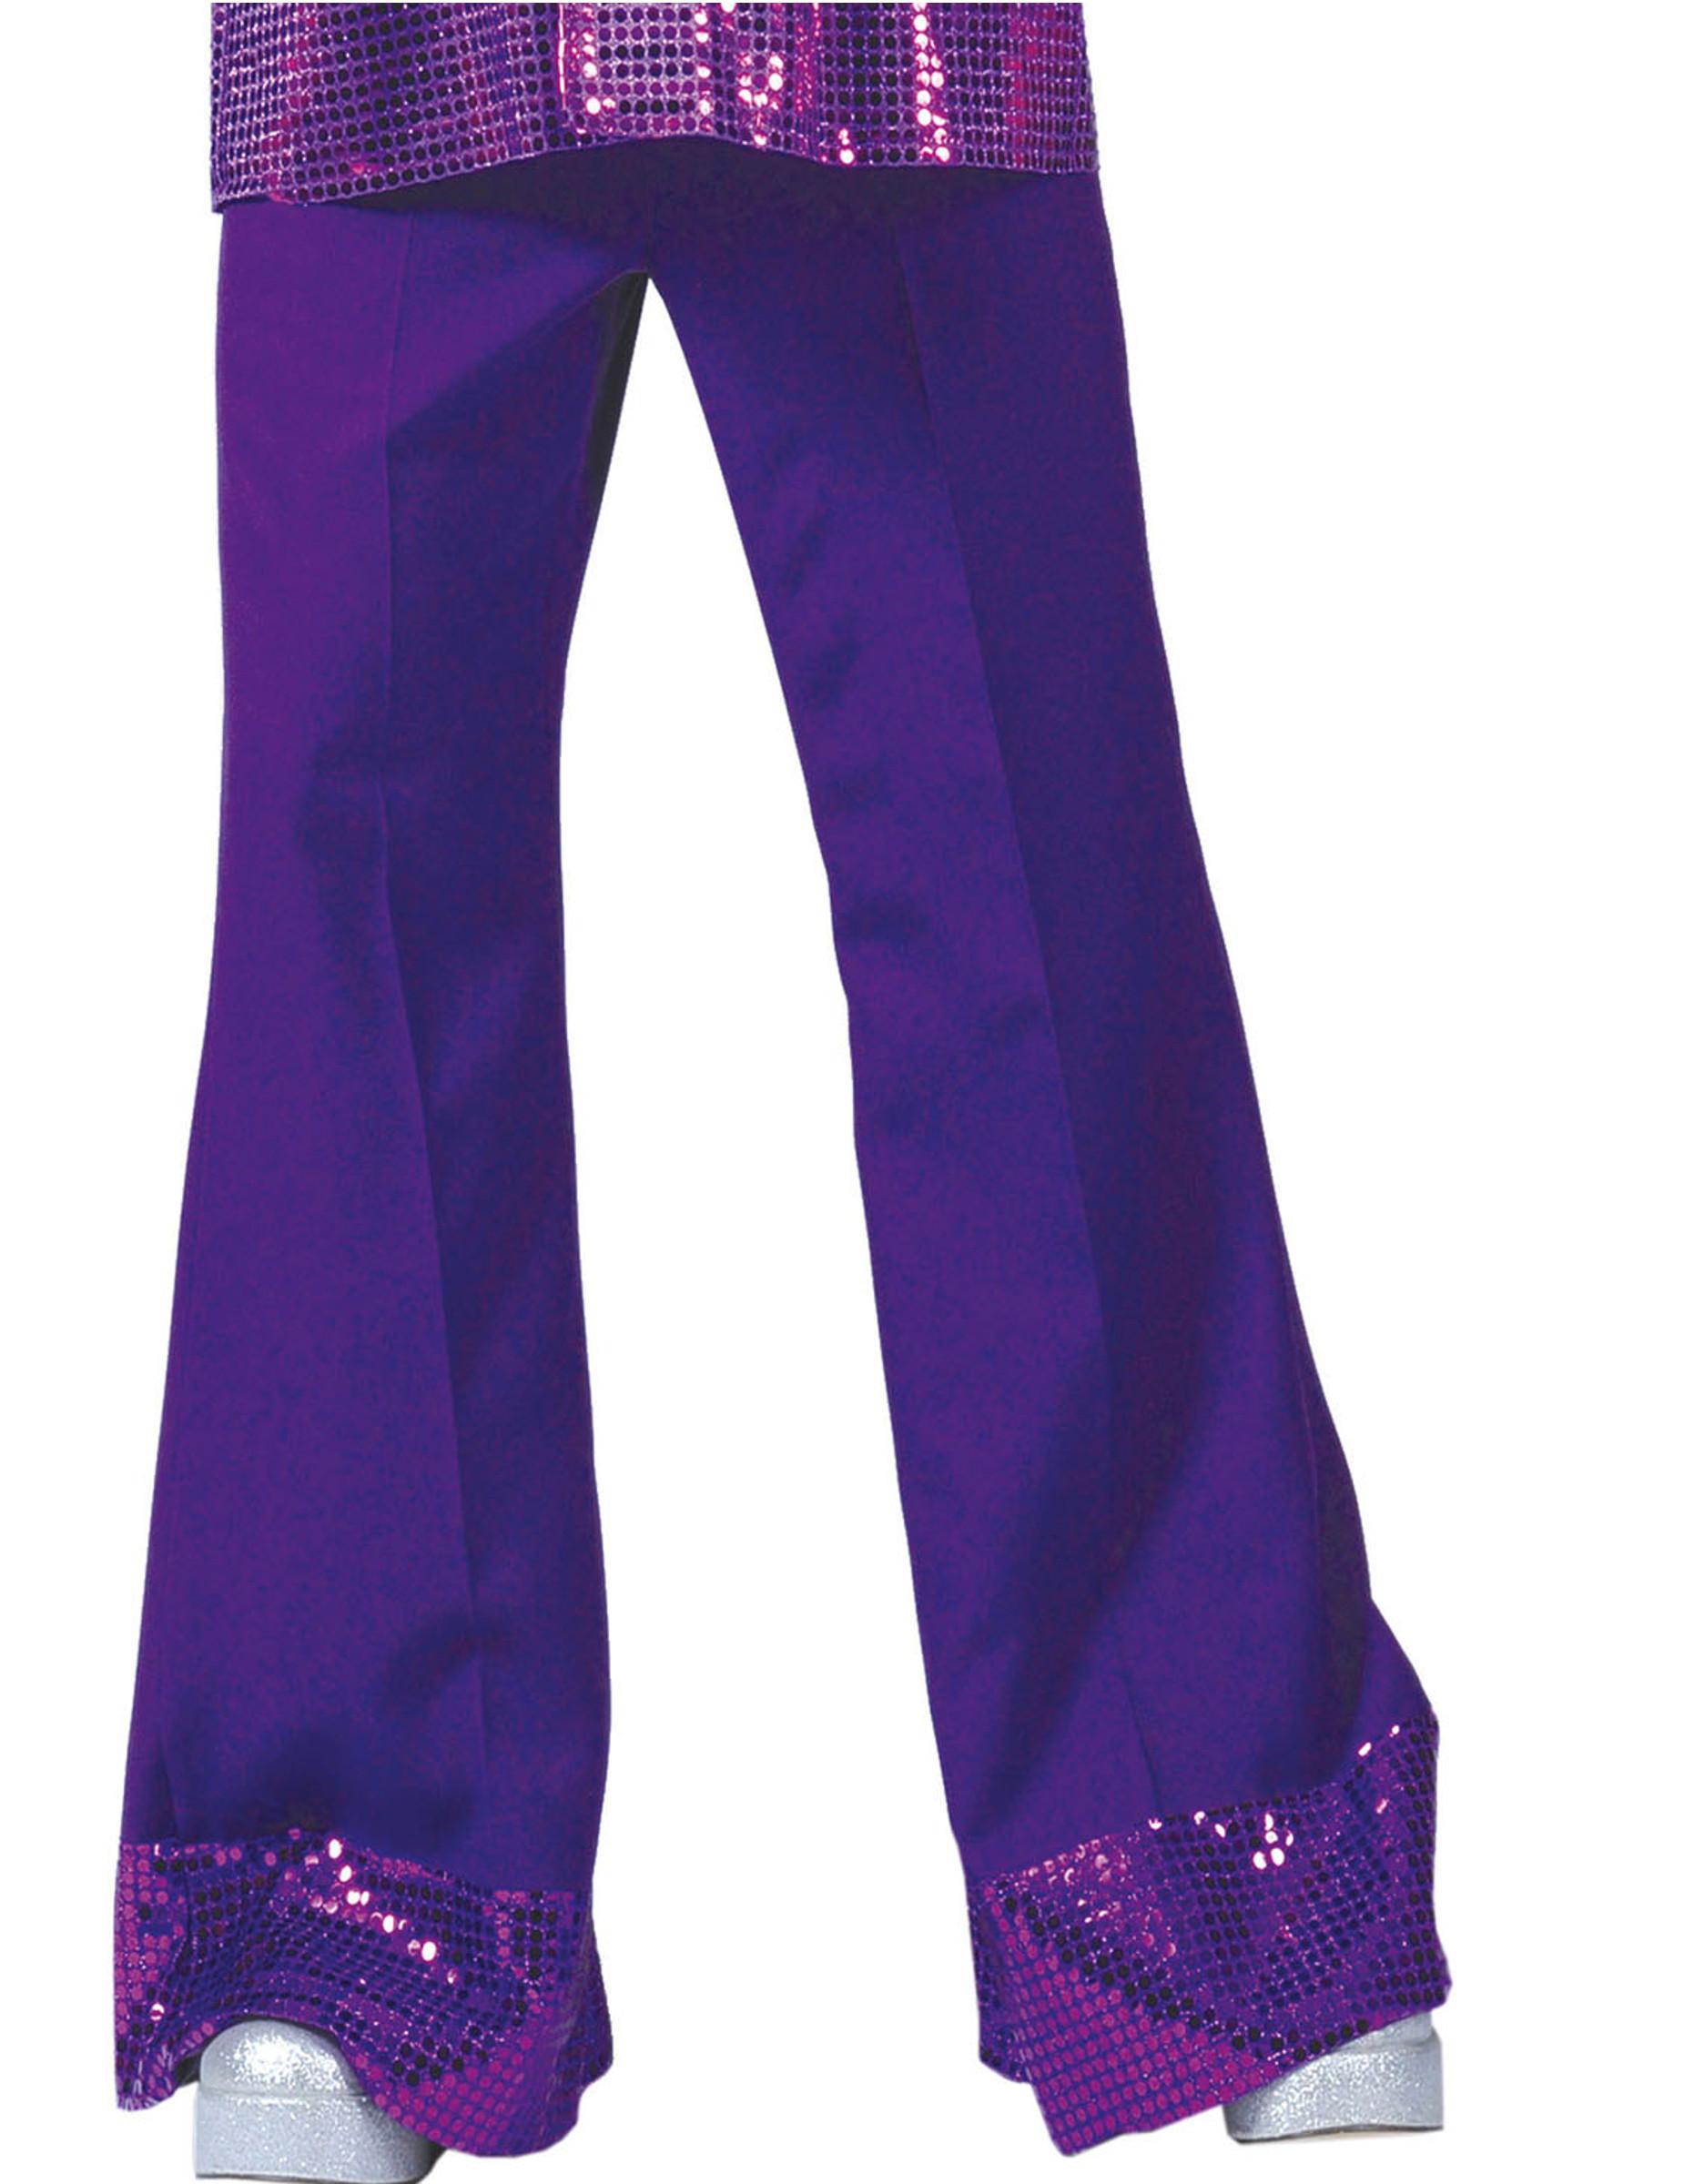 Bukser disco lilla med pailletter på bunden til mænd, køb